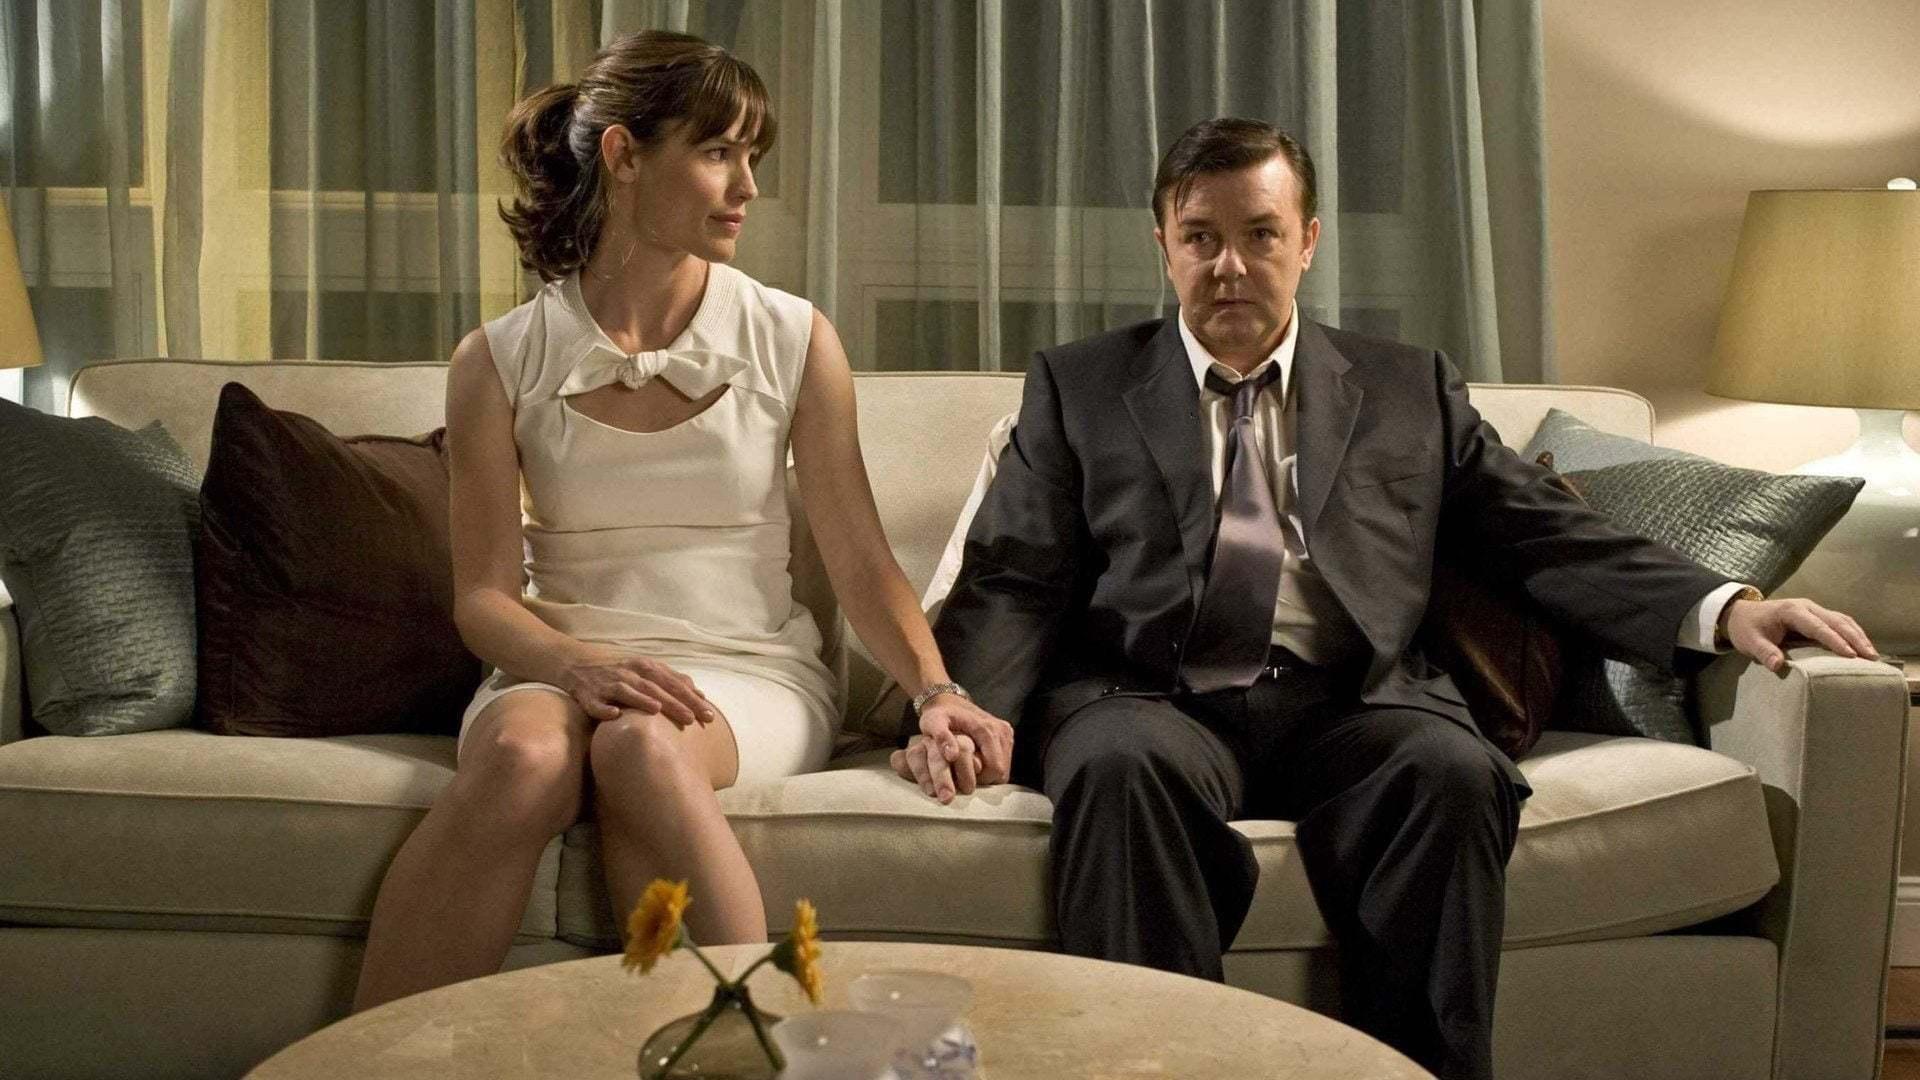 Кадры из фильма Изобретение лжи The Invention of Lying 2009